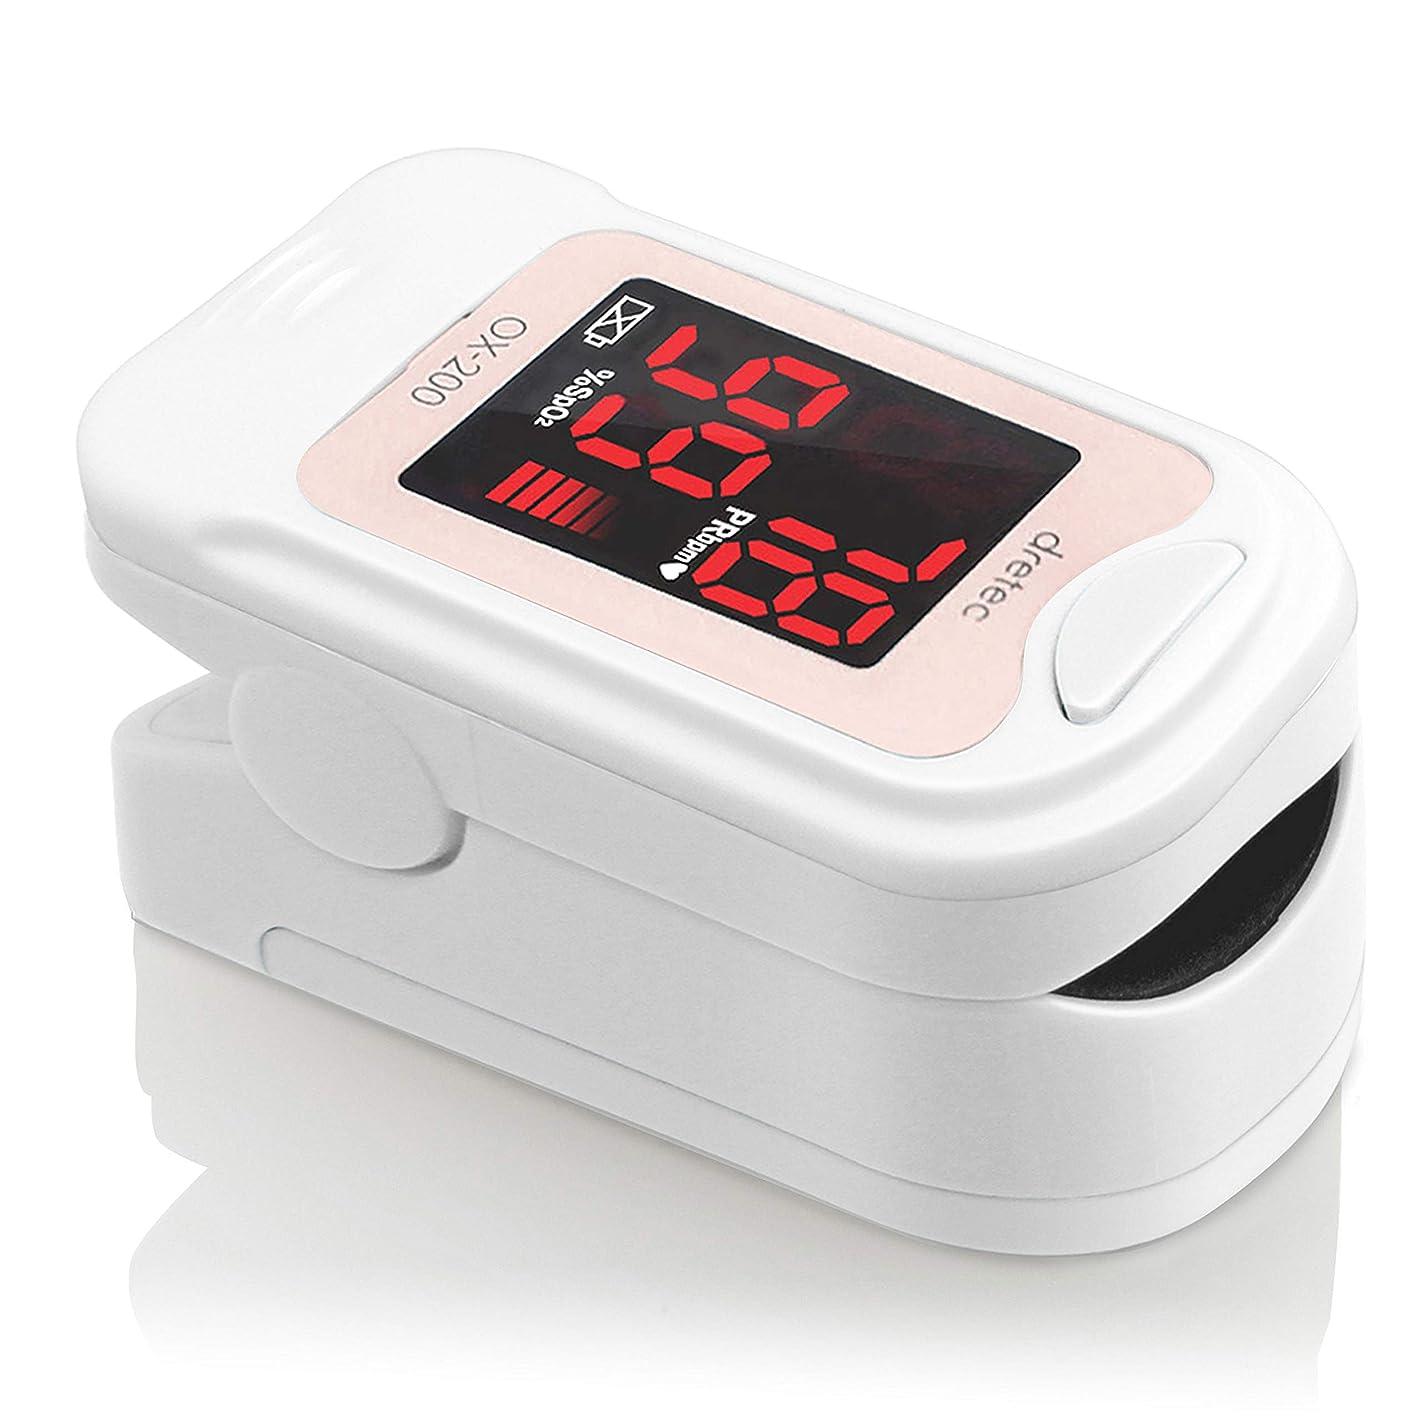 食欲ことわざ略すdretec(ドリテック) パルスオキシメーター 酸素濃度計 医療用 看護 家庭用 介護 国内検査済 OX-200PK(ピンク)